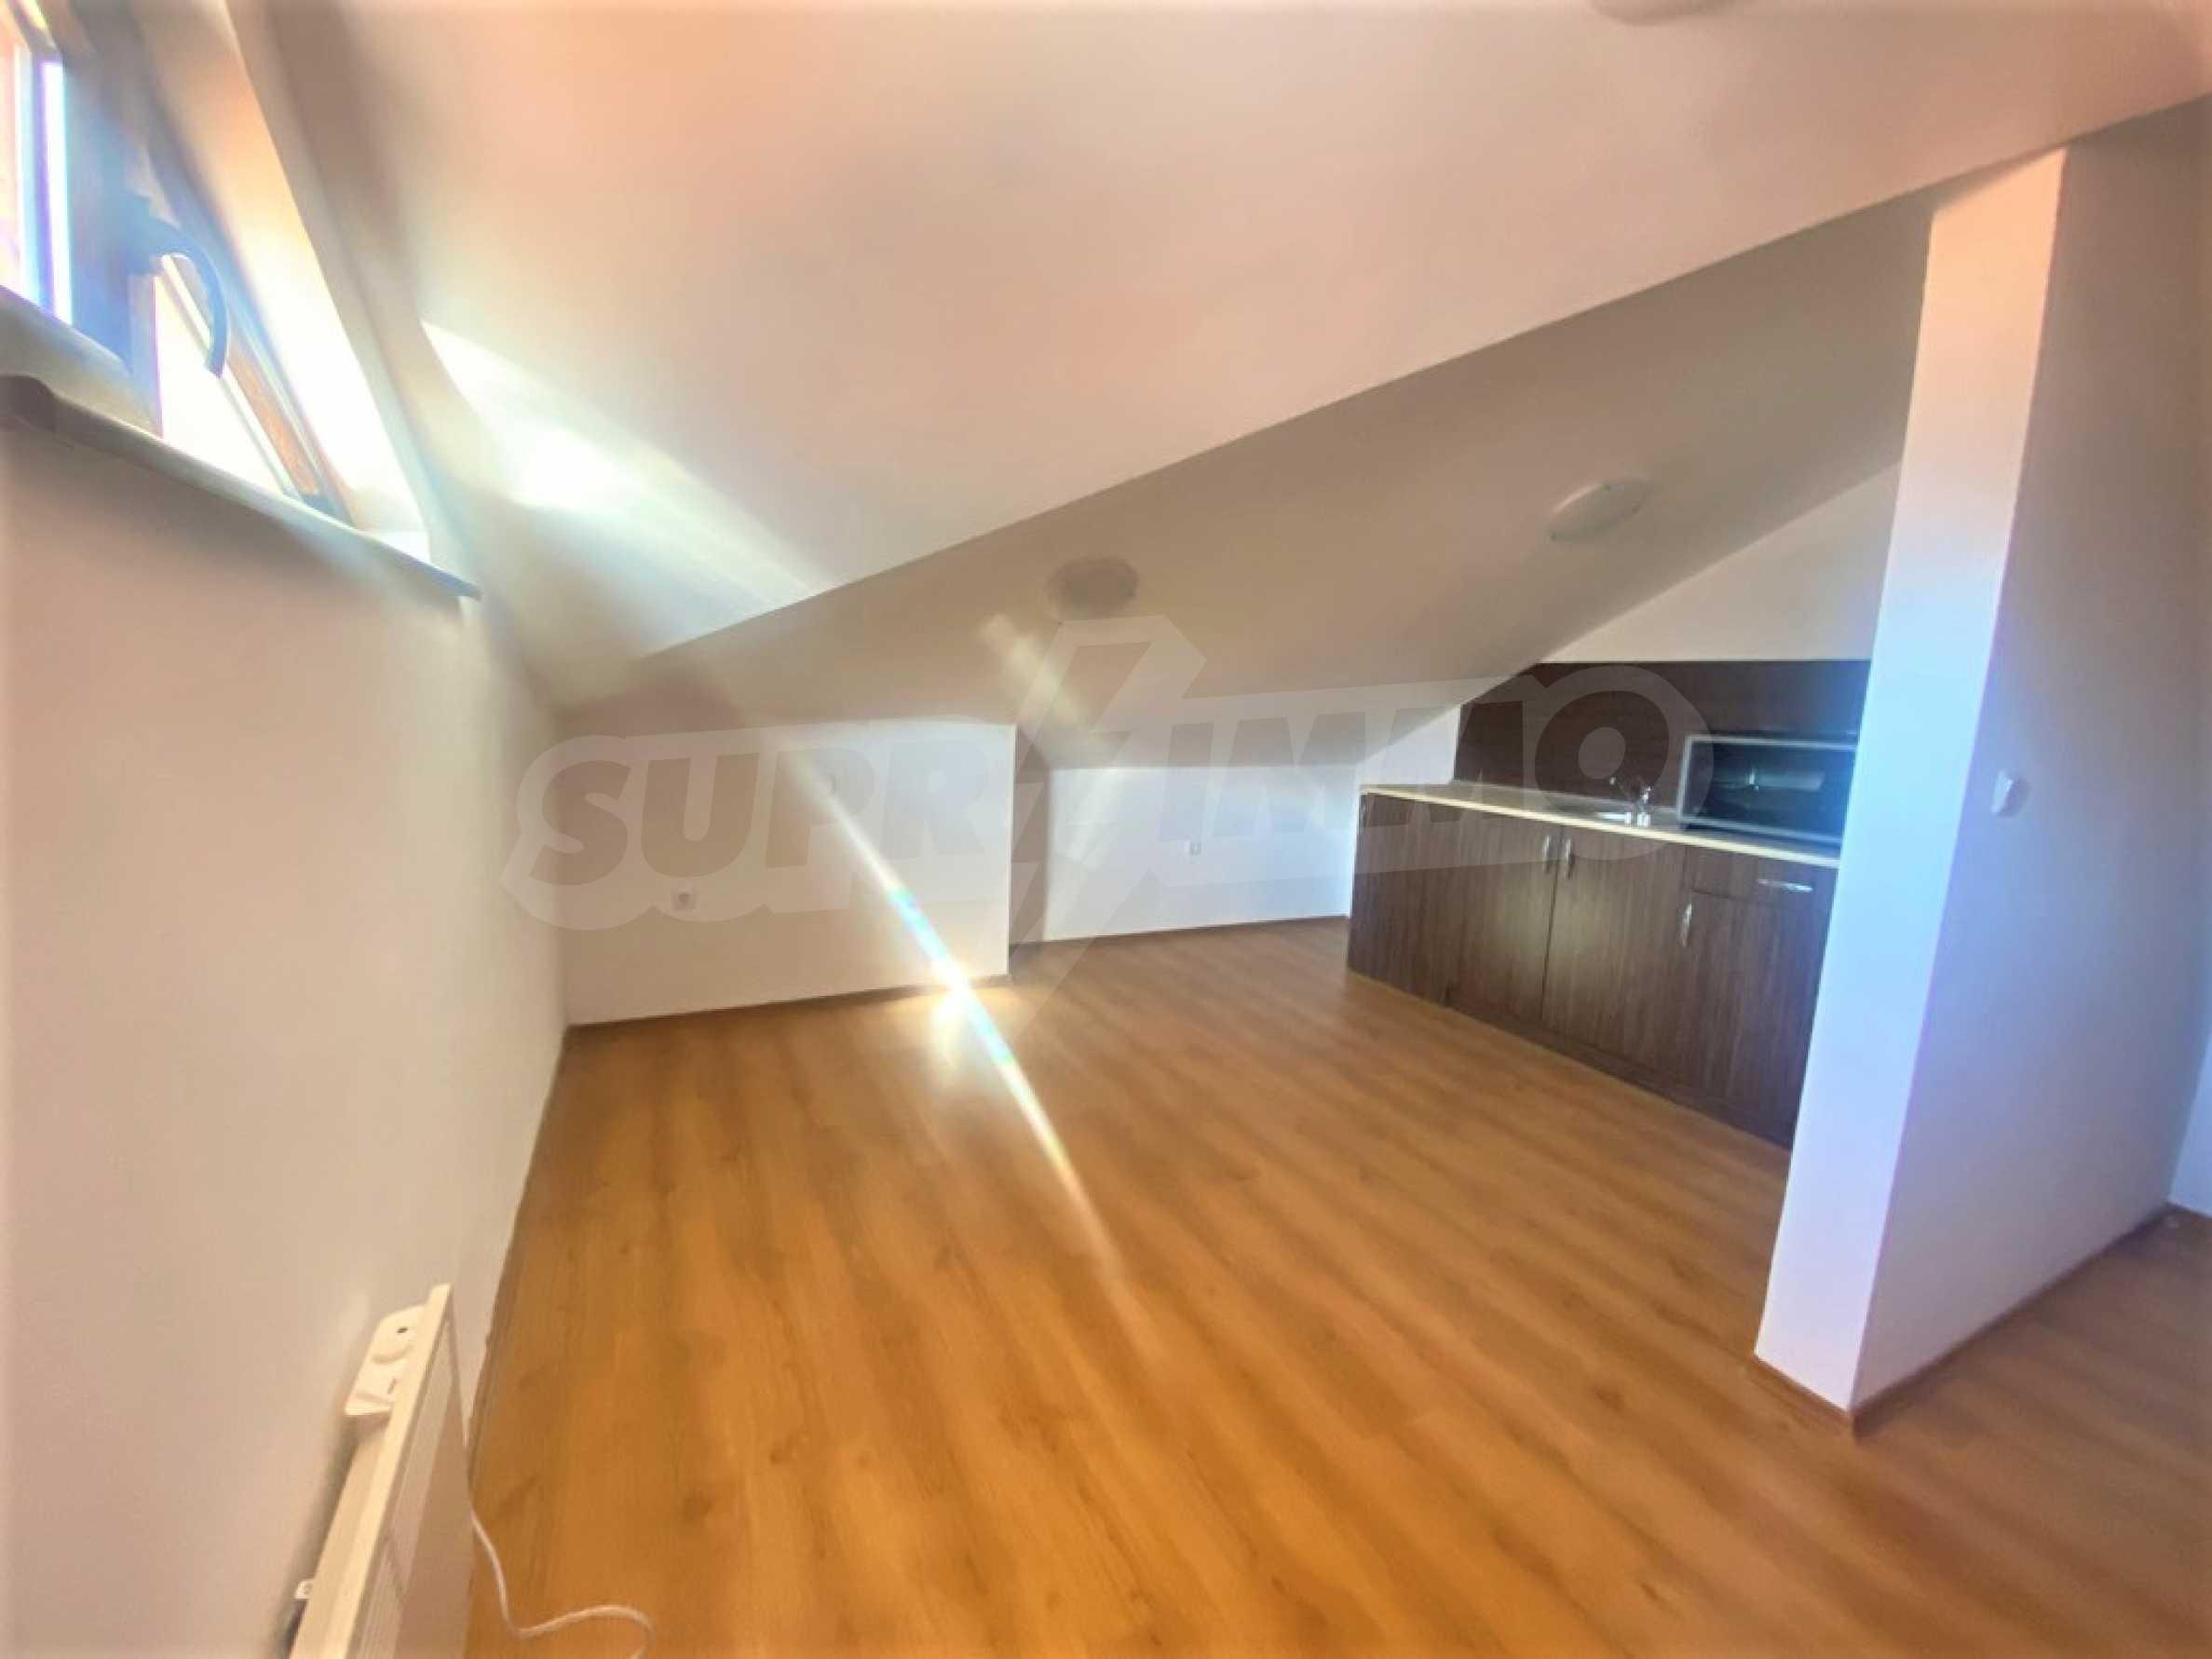 Обзаведен двустаен апартамент за продажба в СПА комплекс в Банско 1